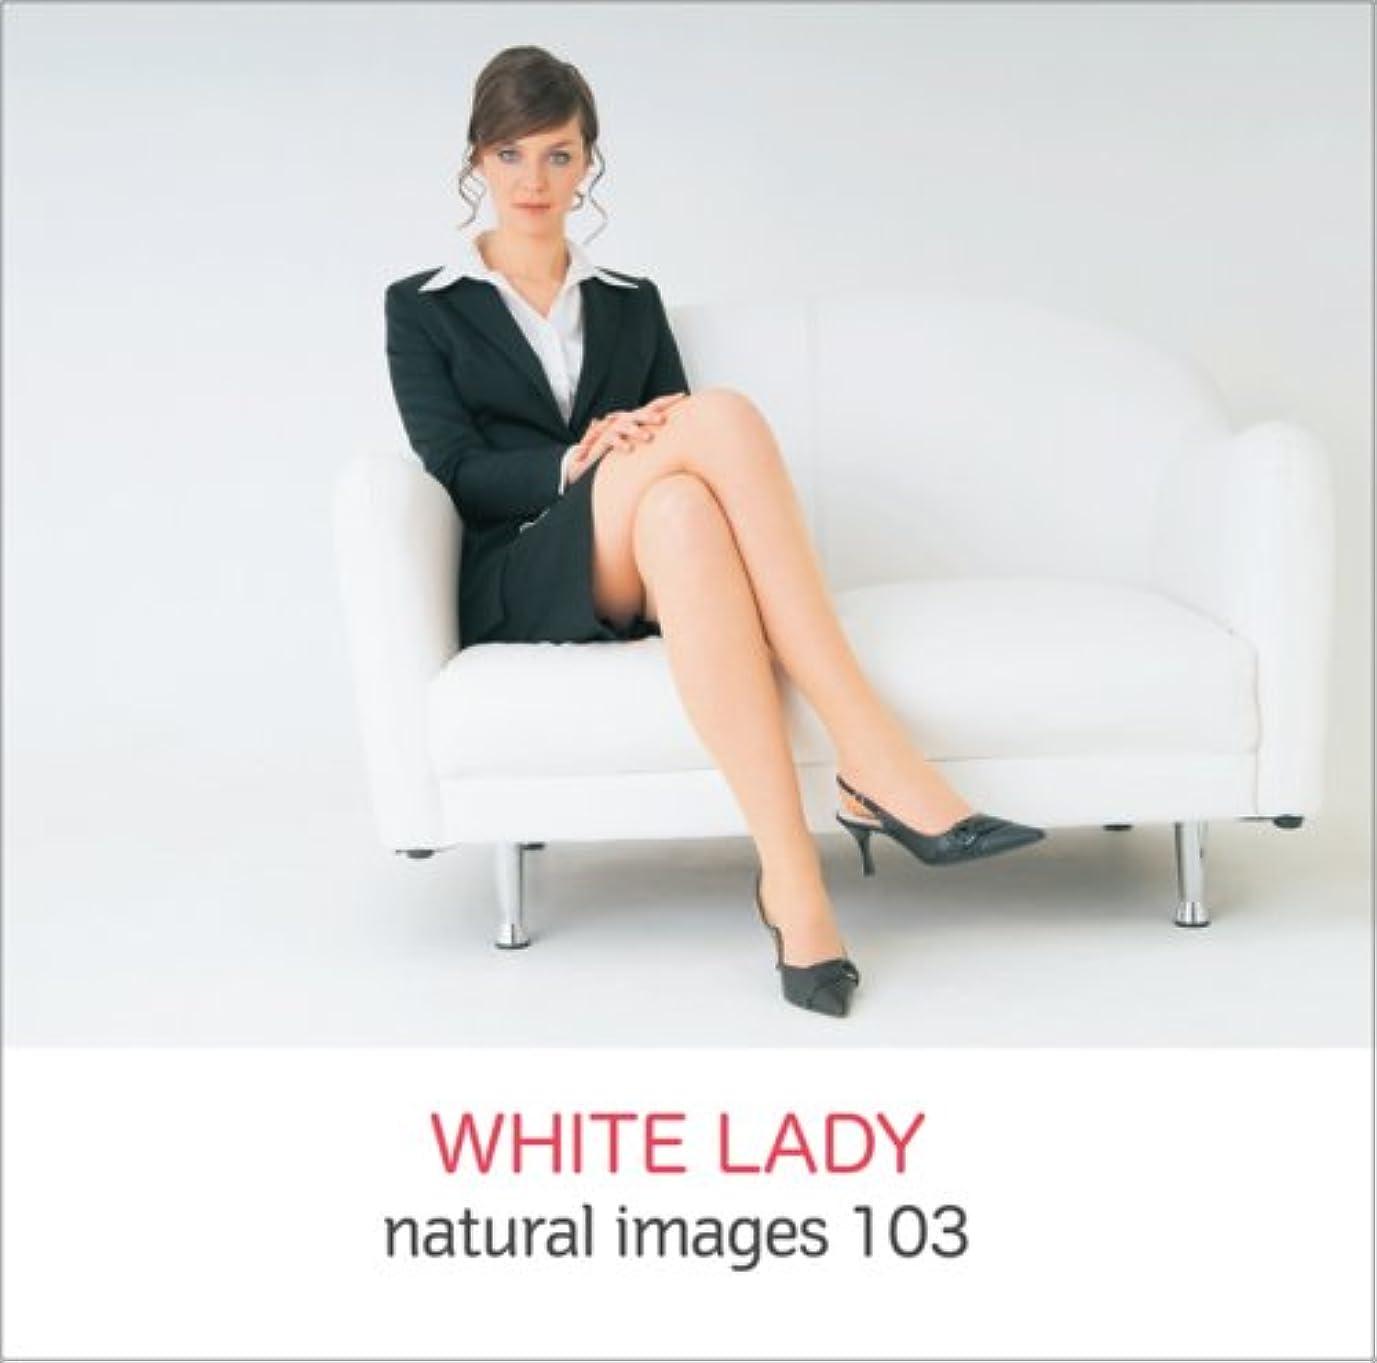 深く差別撃退するnaturalimages Vol.103 WHITE LADY